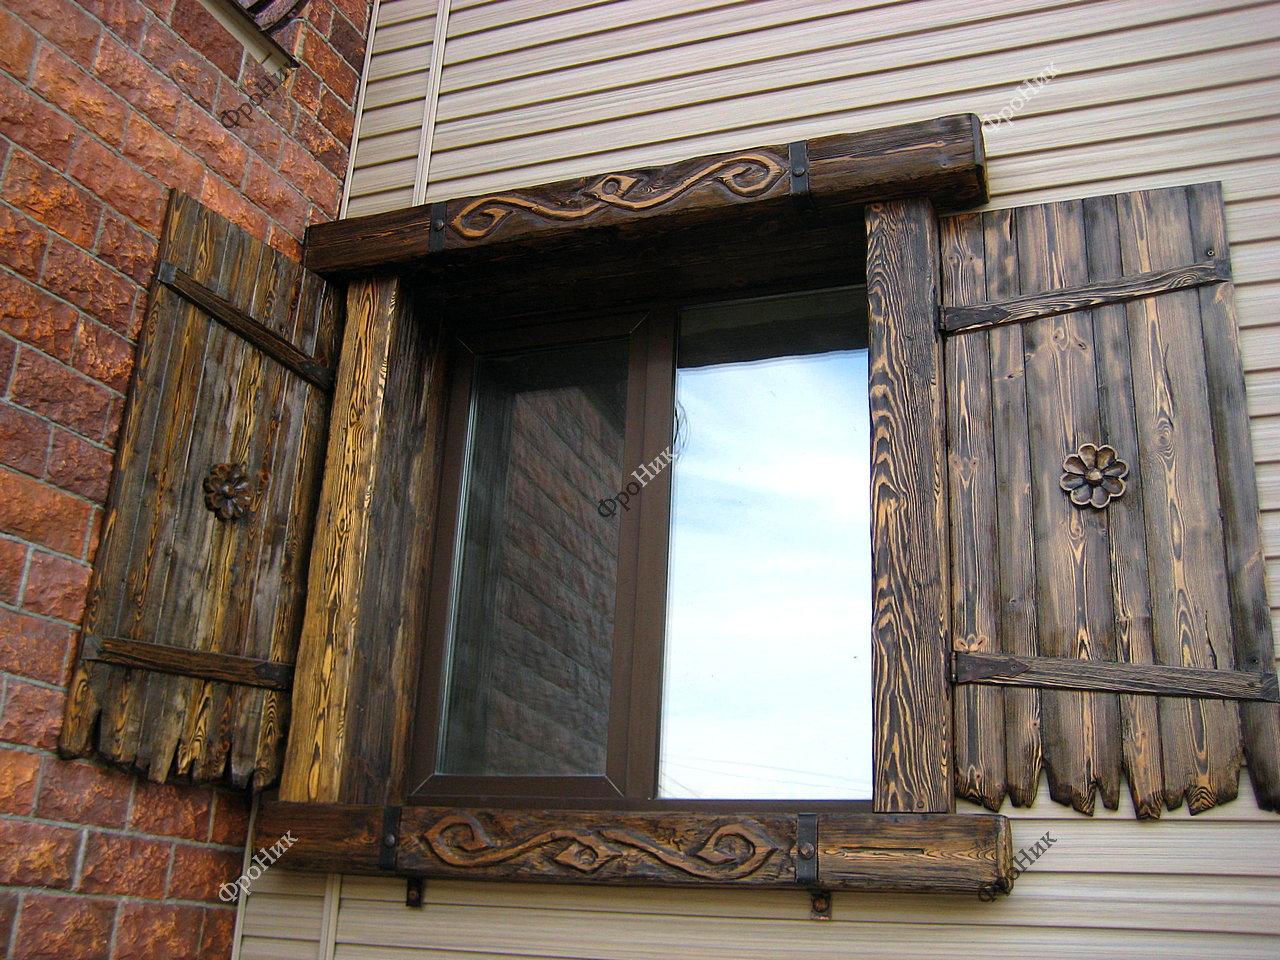 карта выпадает ставни на окна деревянного дома фото выдалась днях погода